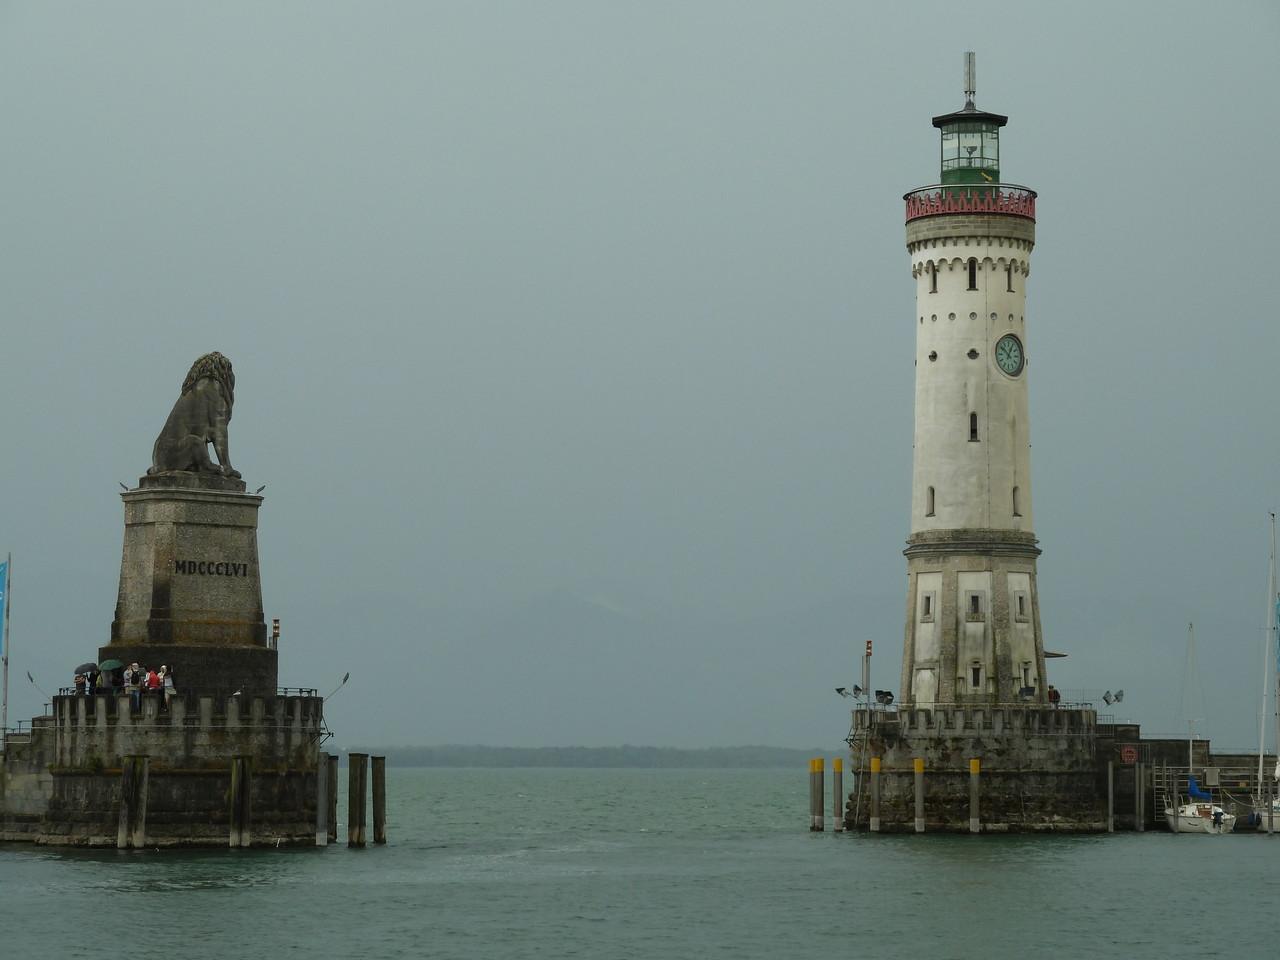 Stadtführung in der Inselstadt Lindau